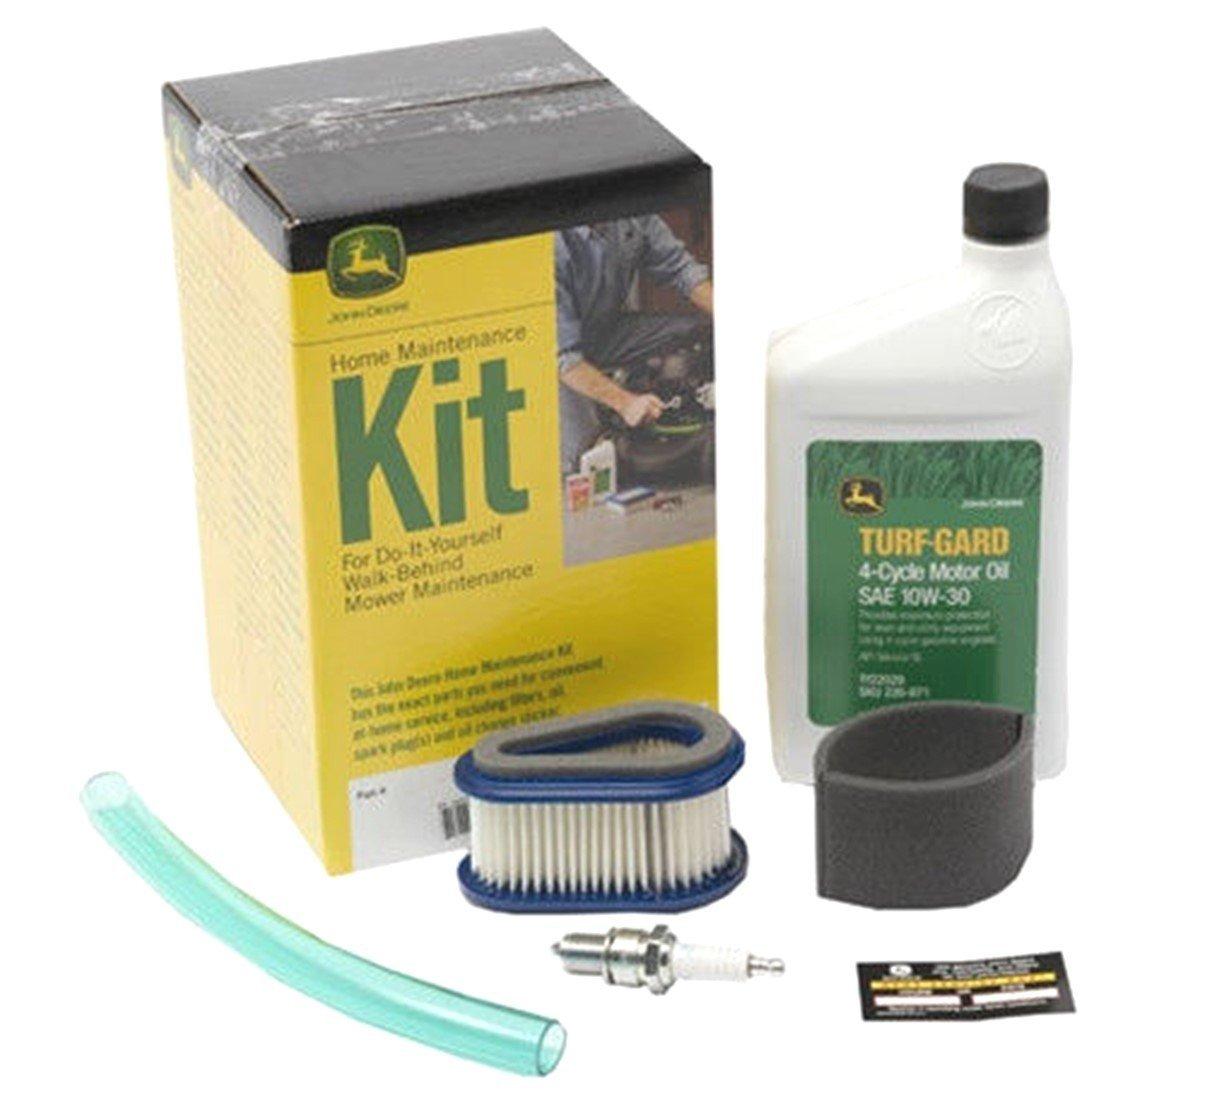 John Deere LG234 Home Maintenance Kit 14PB 14PT 14SB 14SE 14ST...